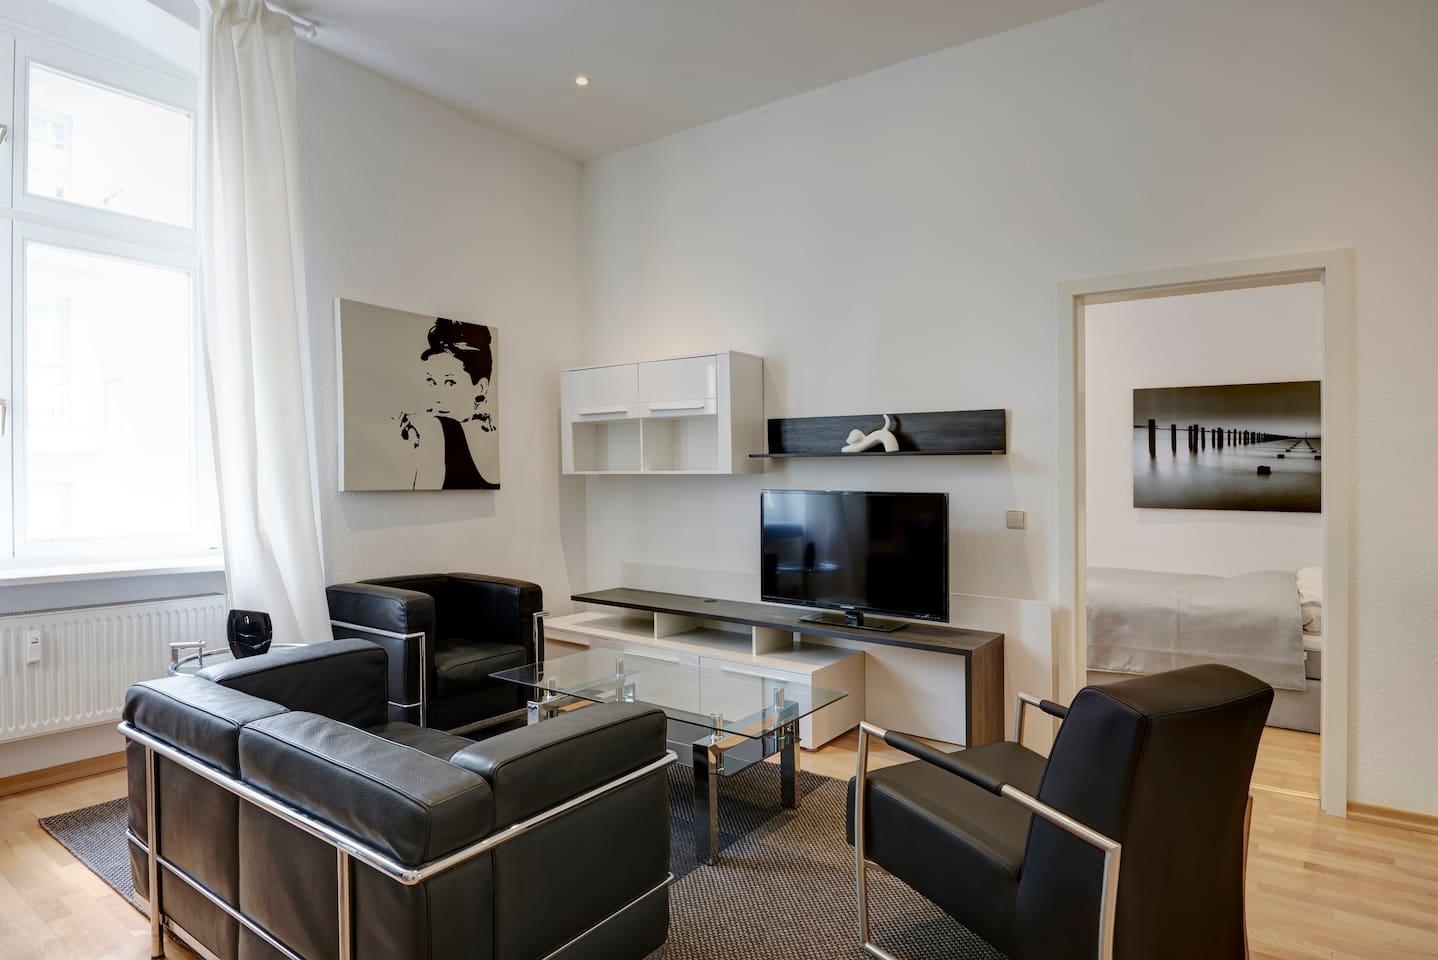 stylische bilder top full size of stylische wohnideen wohnideen kleine wohnung khles stylische. Black Bedroom Furniture Sets. Home Design Ideas